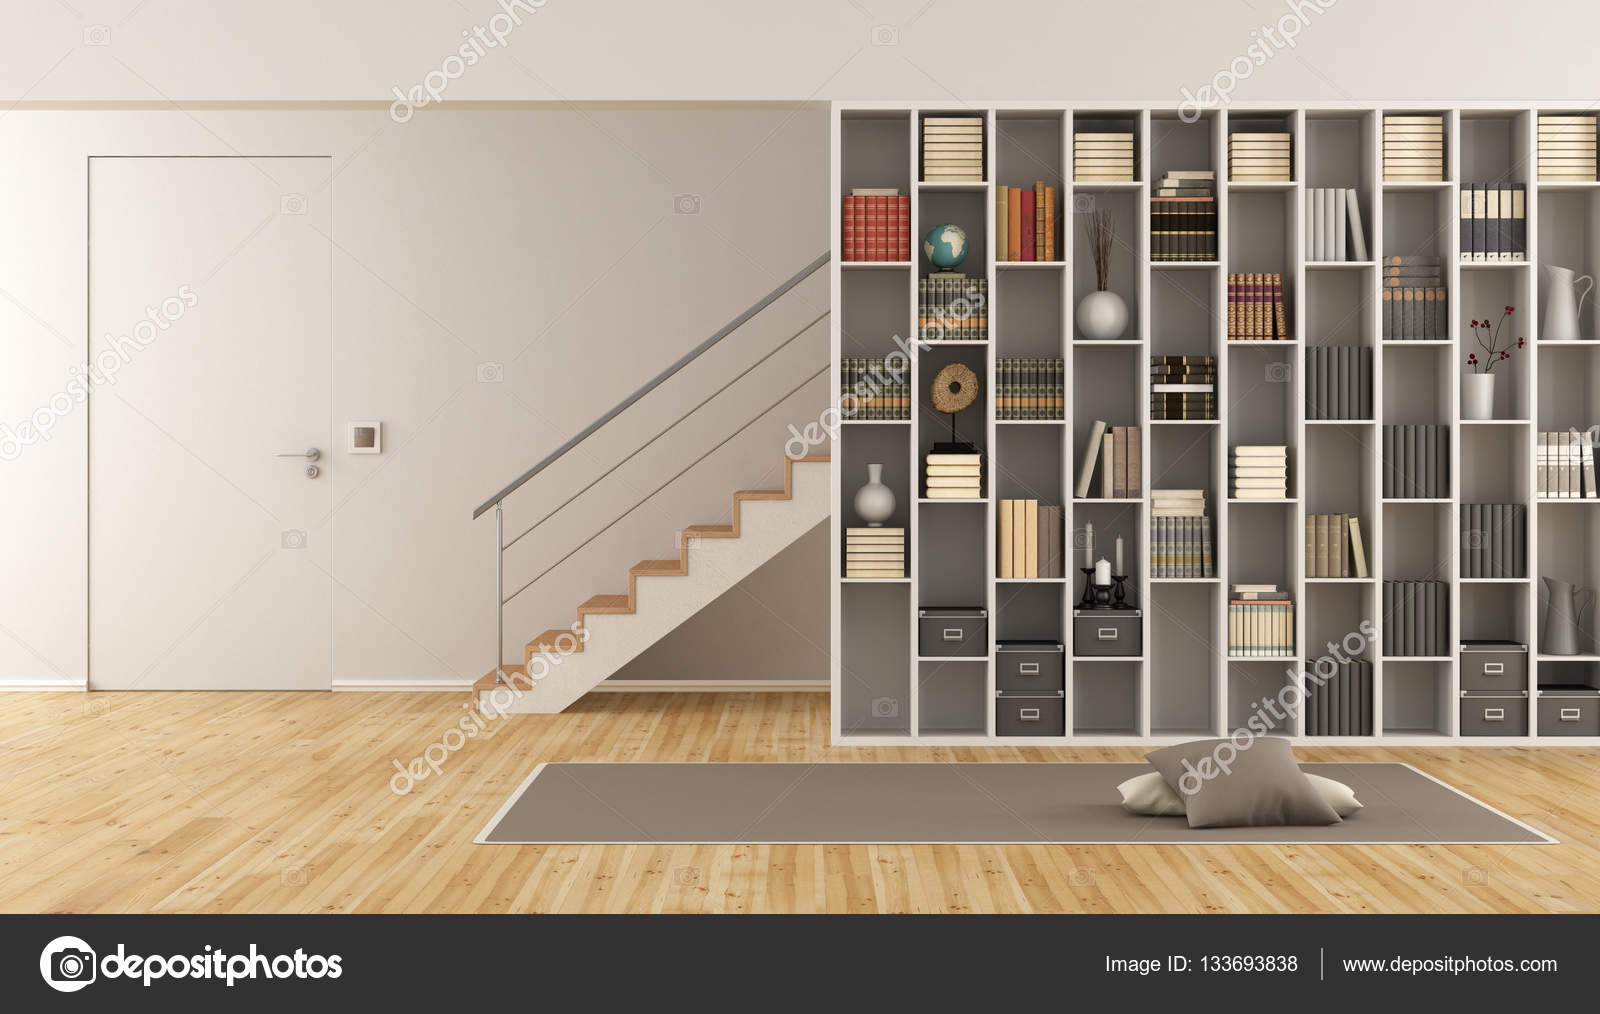 Woonkamer Met Boekenkast : Boekenkast stock illustrations vectors clipart u  stock